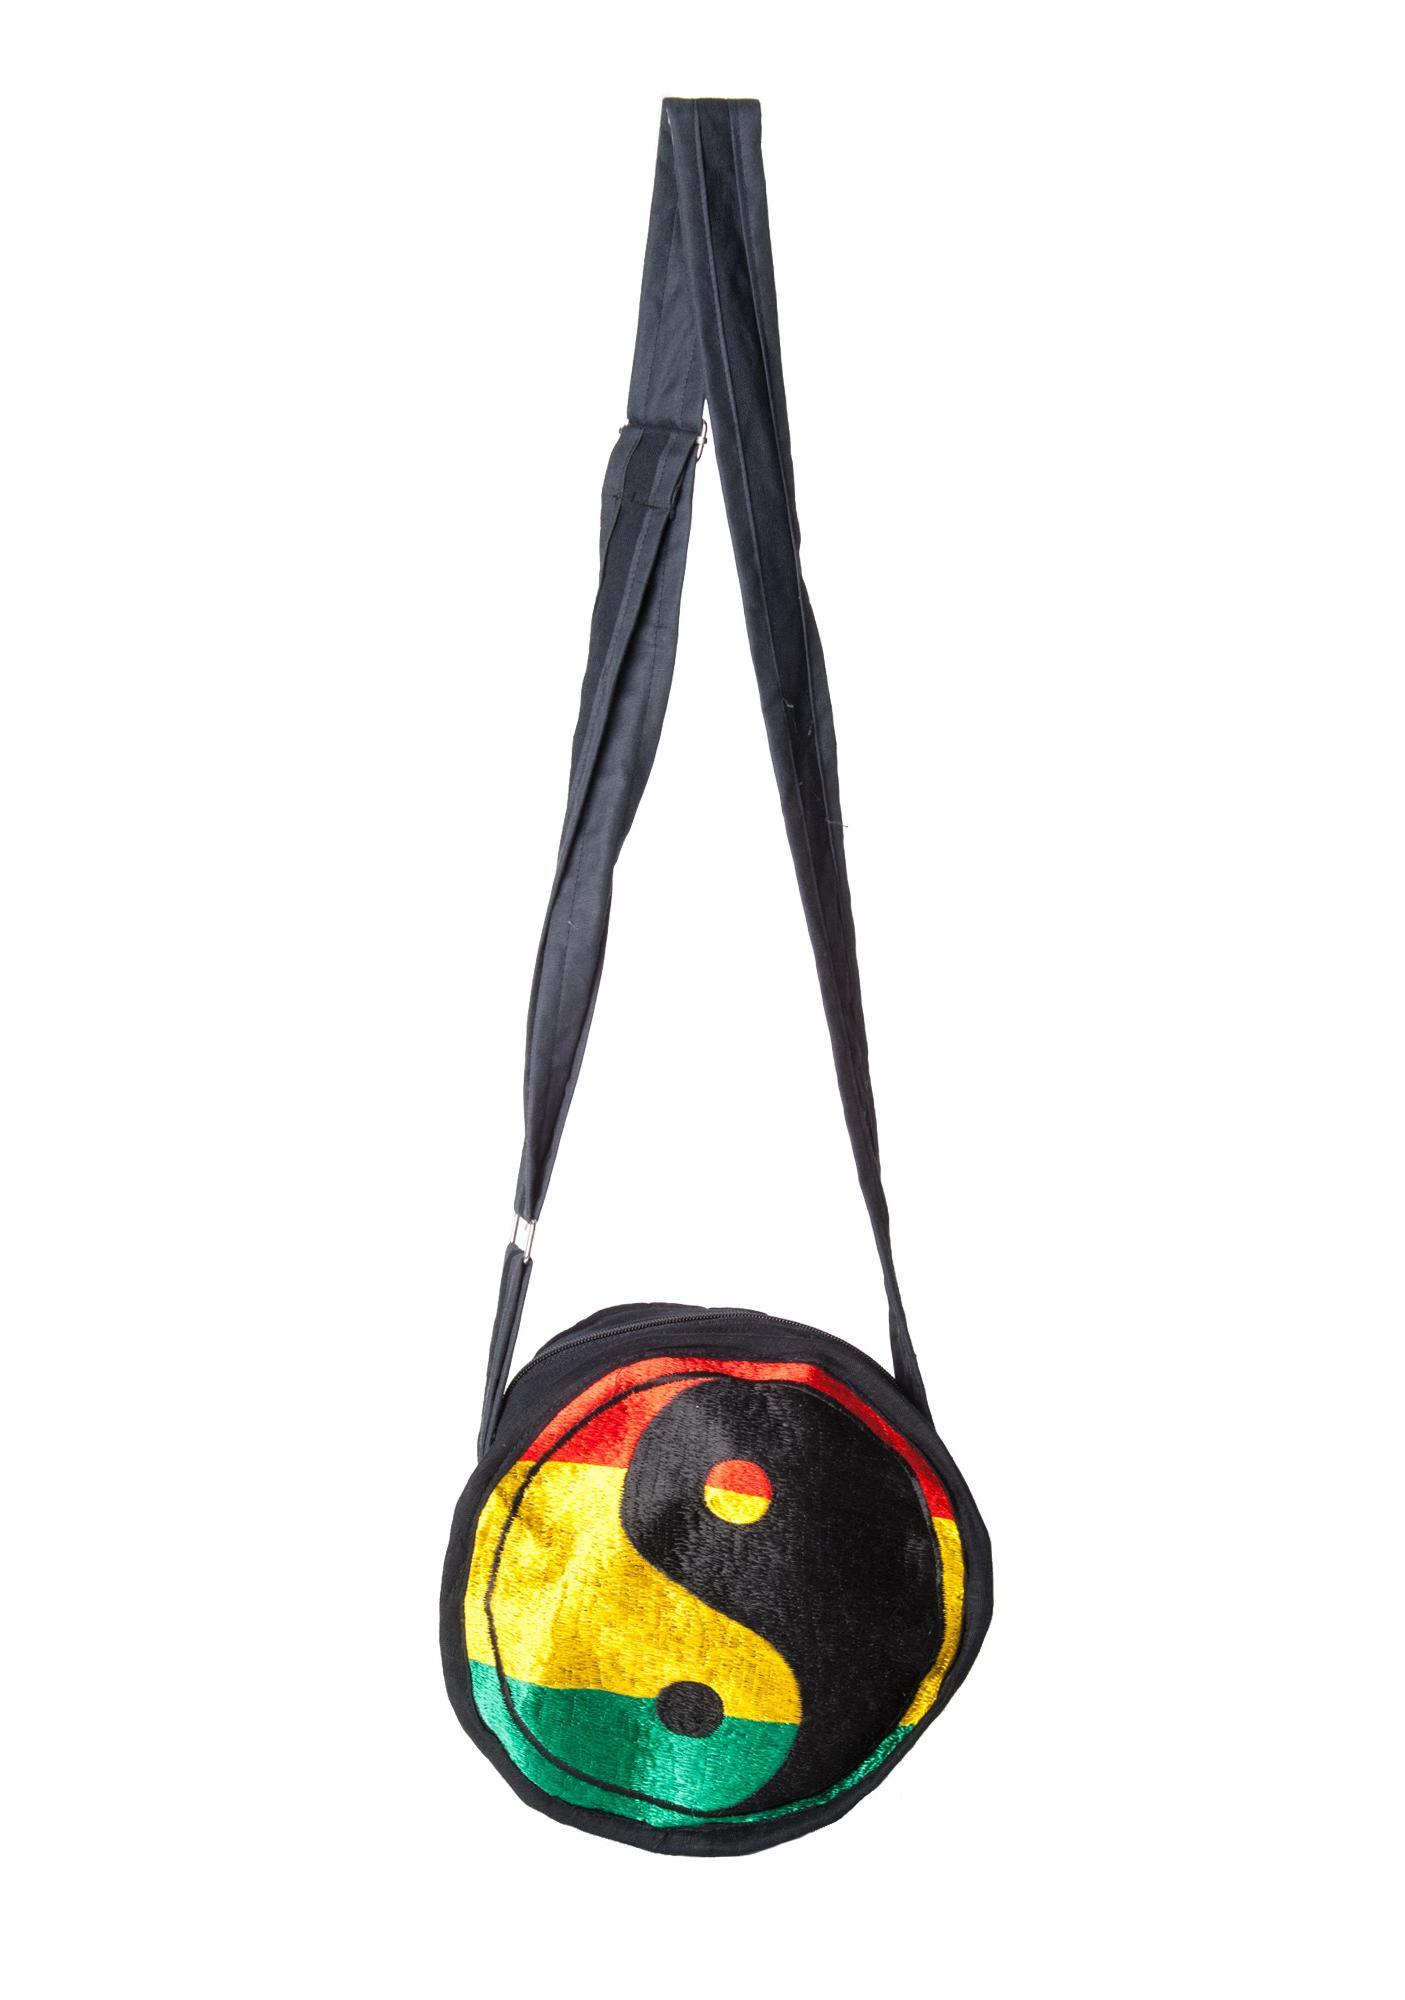 Ying Yang Marley Bag